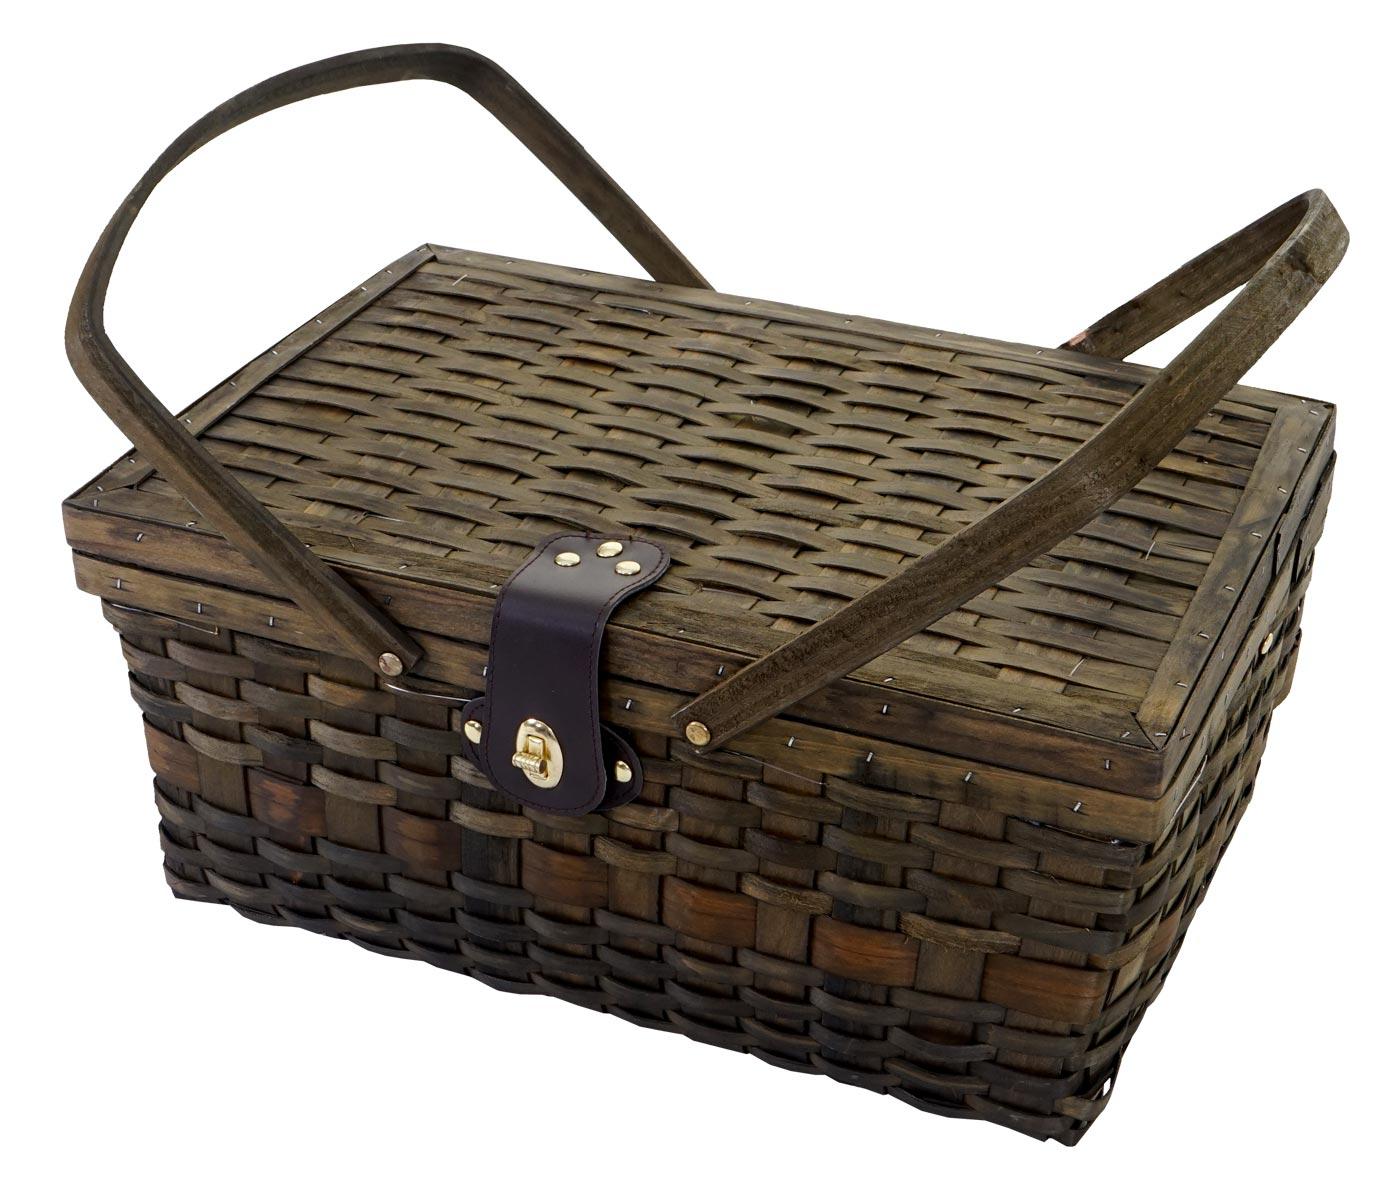 picknickkorb set f r 4 personen picknicktasche weiden korb porzellan glas edelstahl braun wei. Black Bedroom Furniture Sets. Home Design Ideas